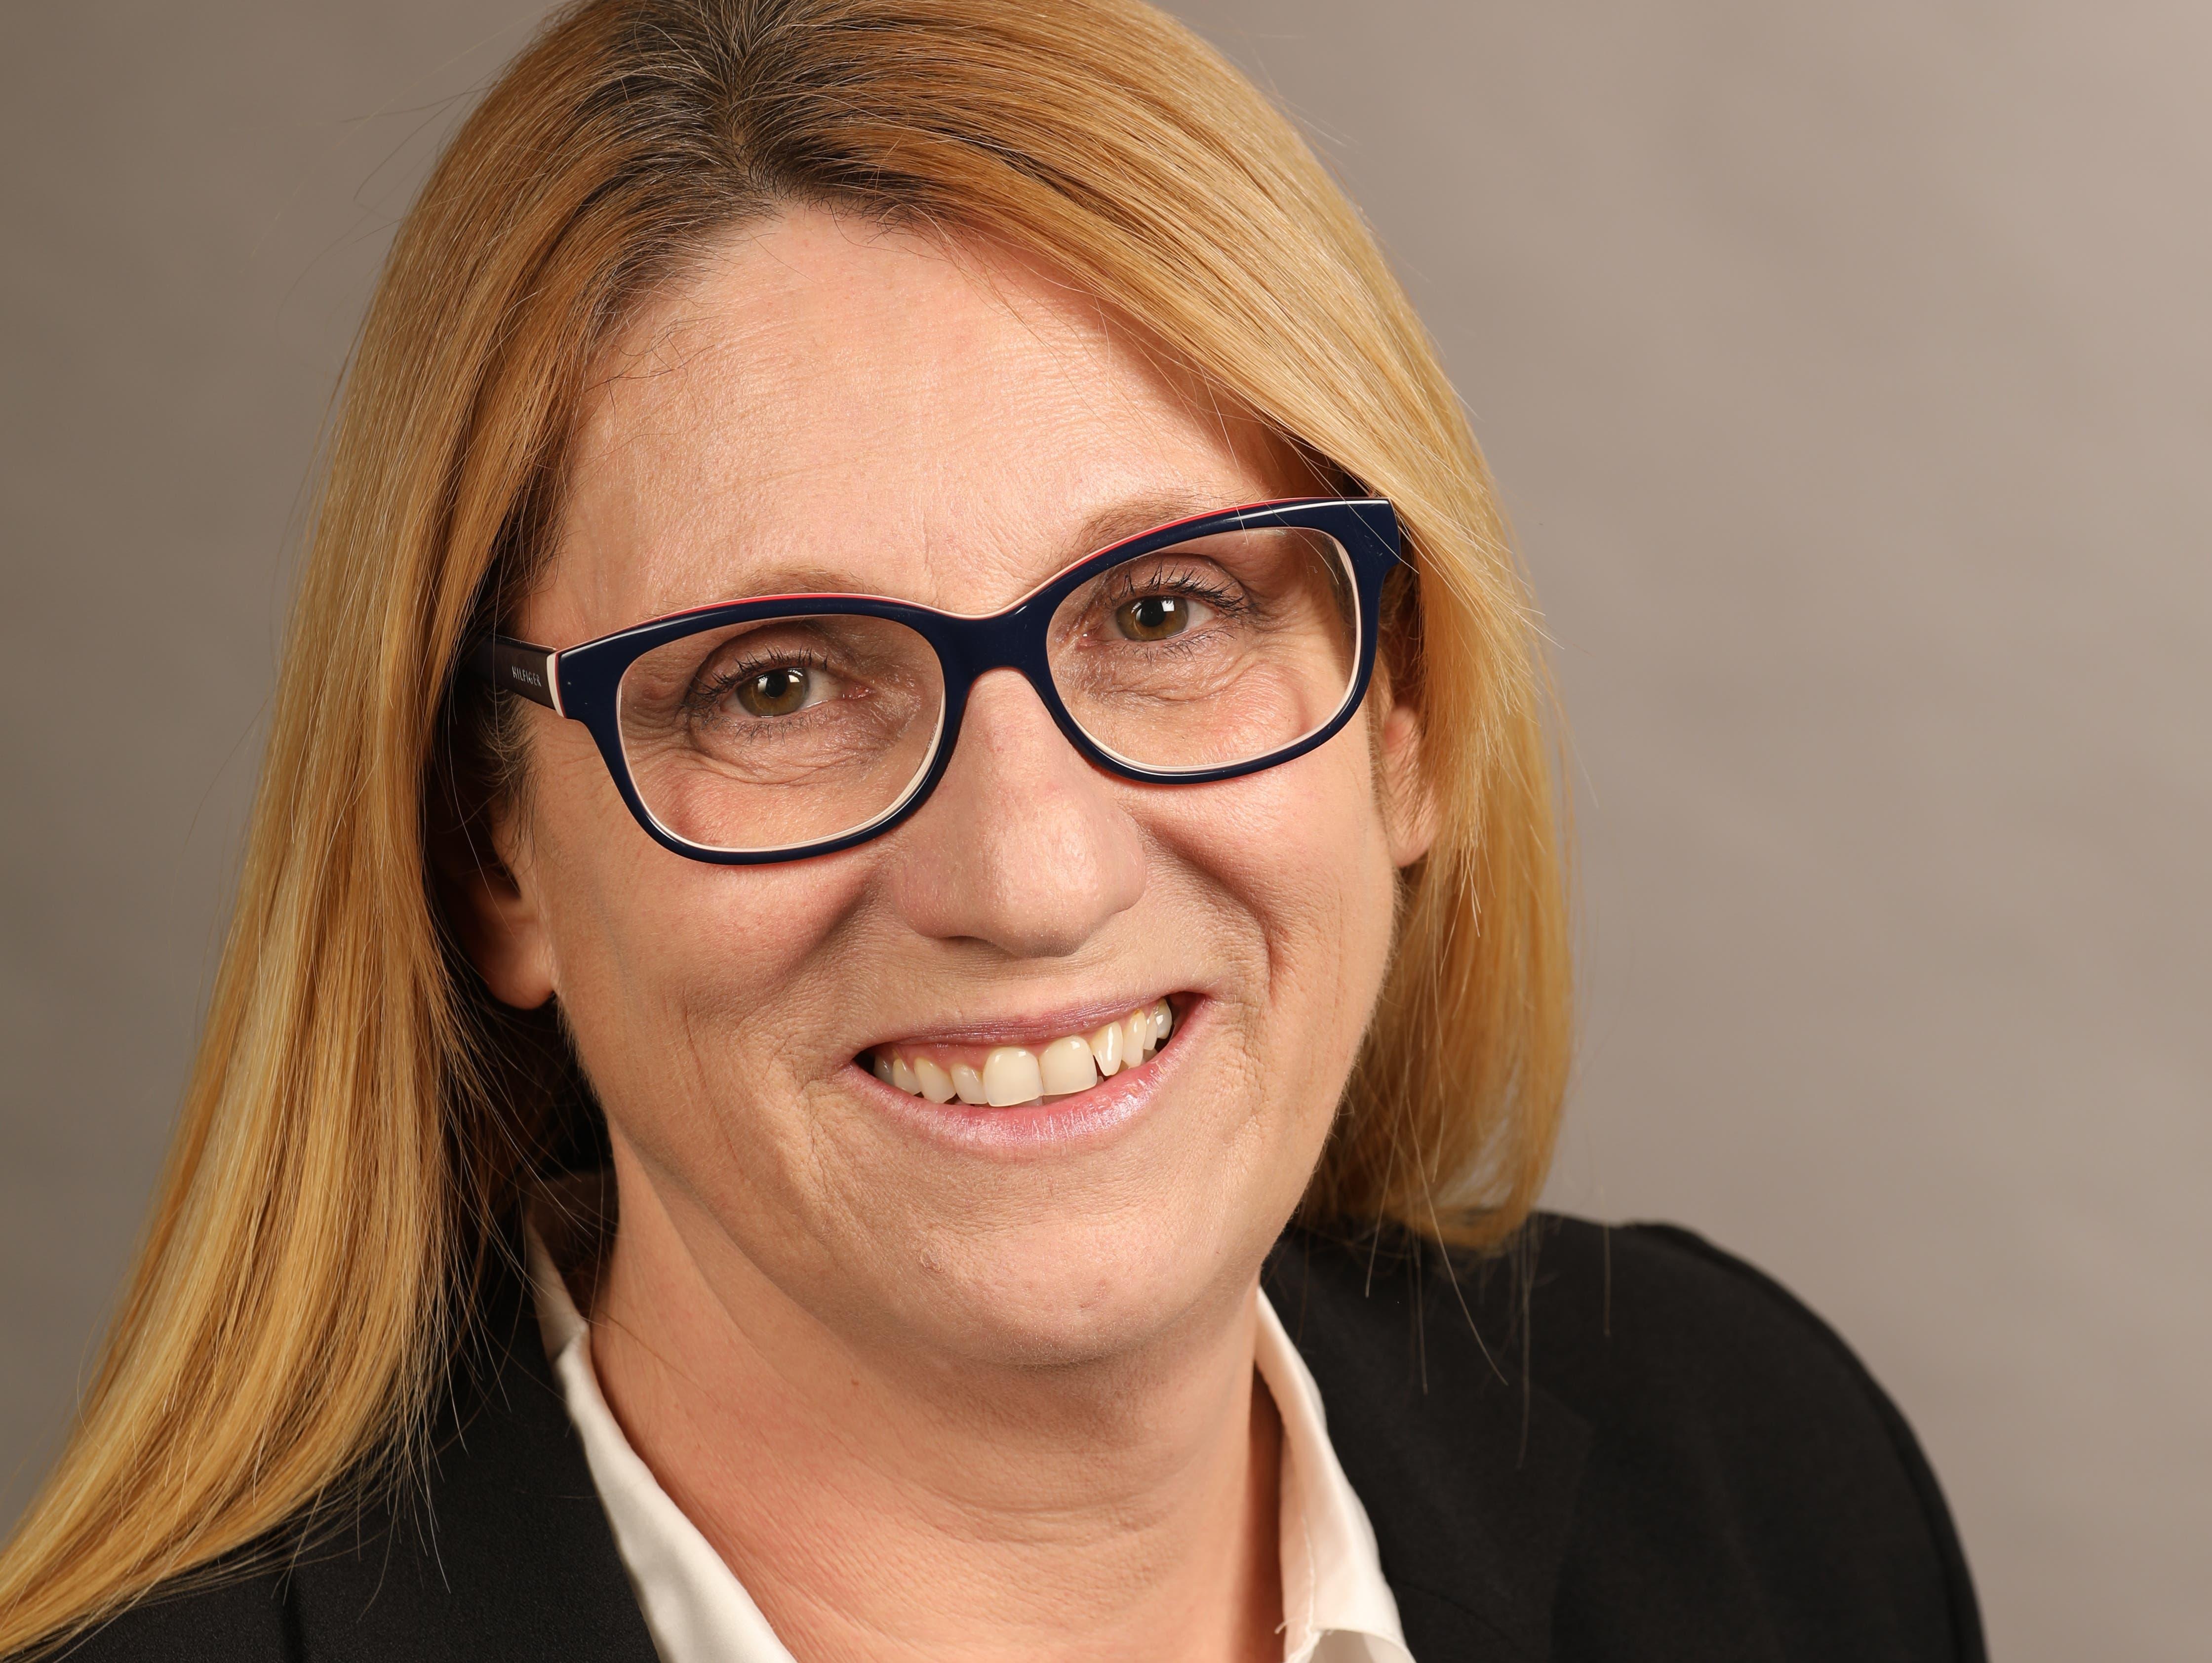 Nicht gewählt mit 1'478 Stimmen: Ibolyka Lütolf, SVP